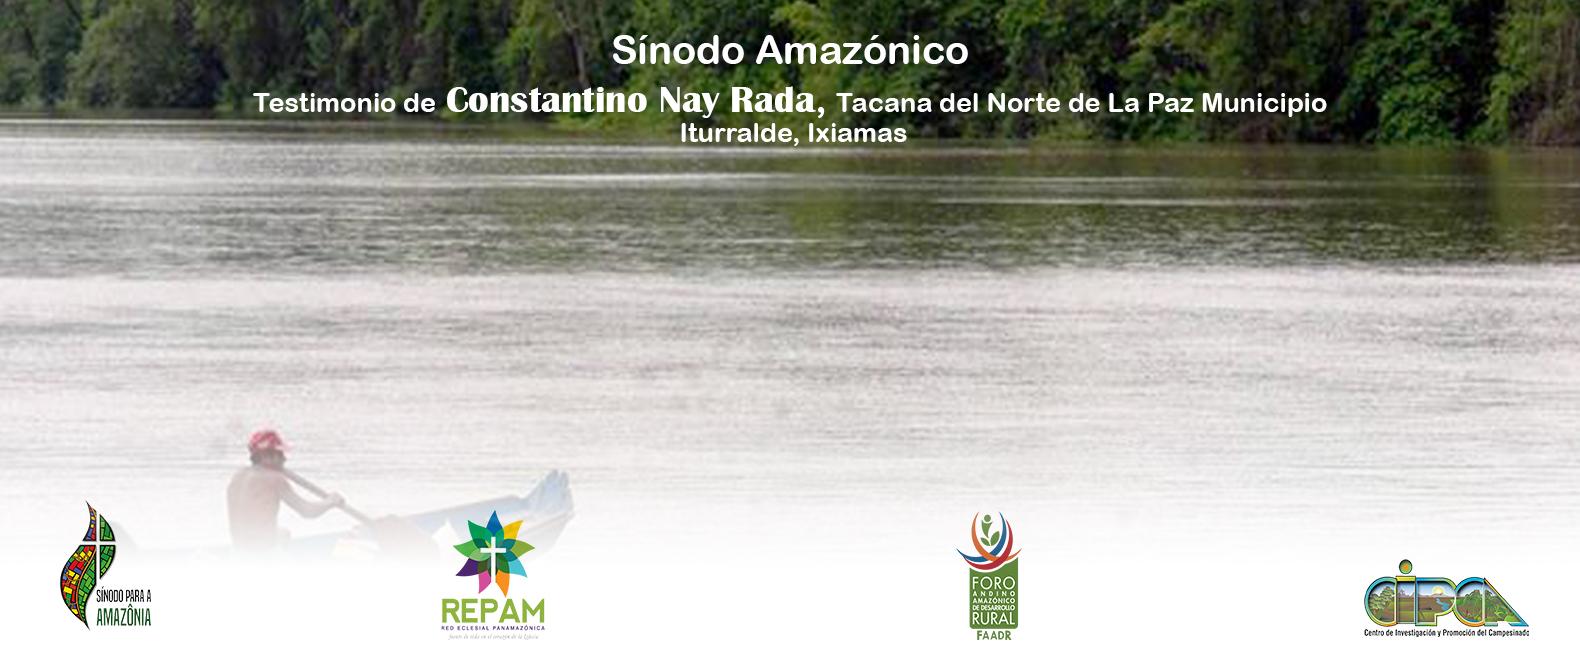 Sínodo Amazónico - Constantino Nay Rada